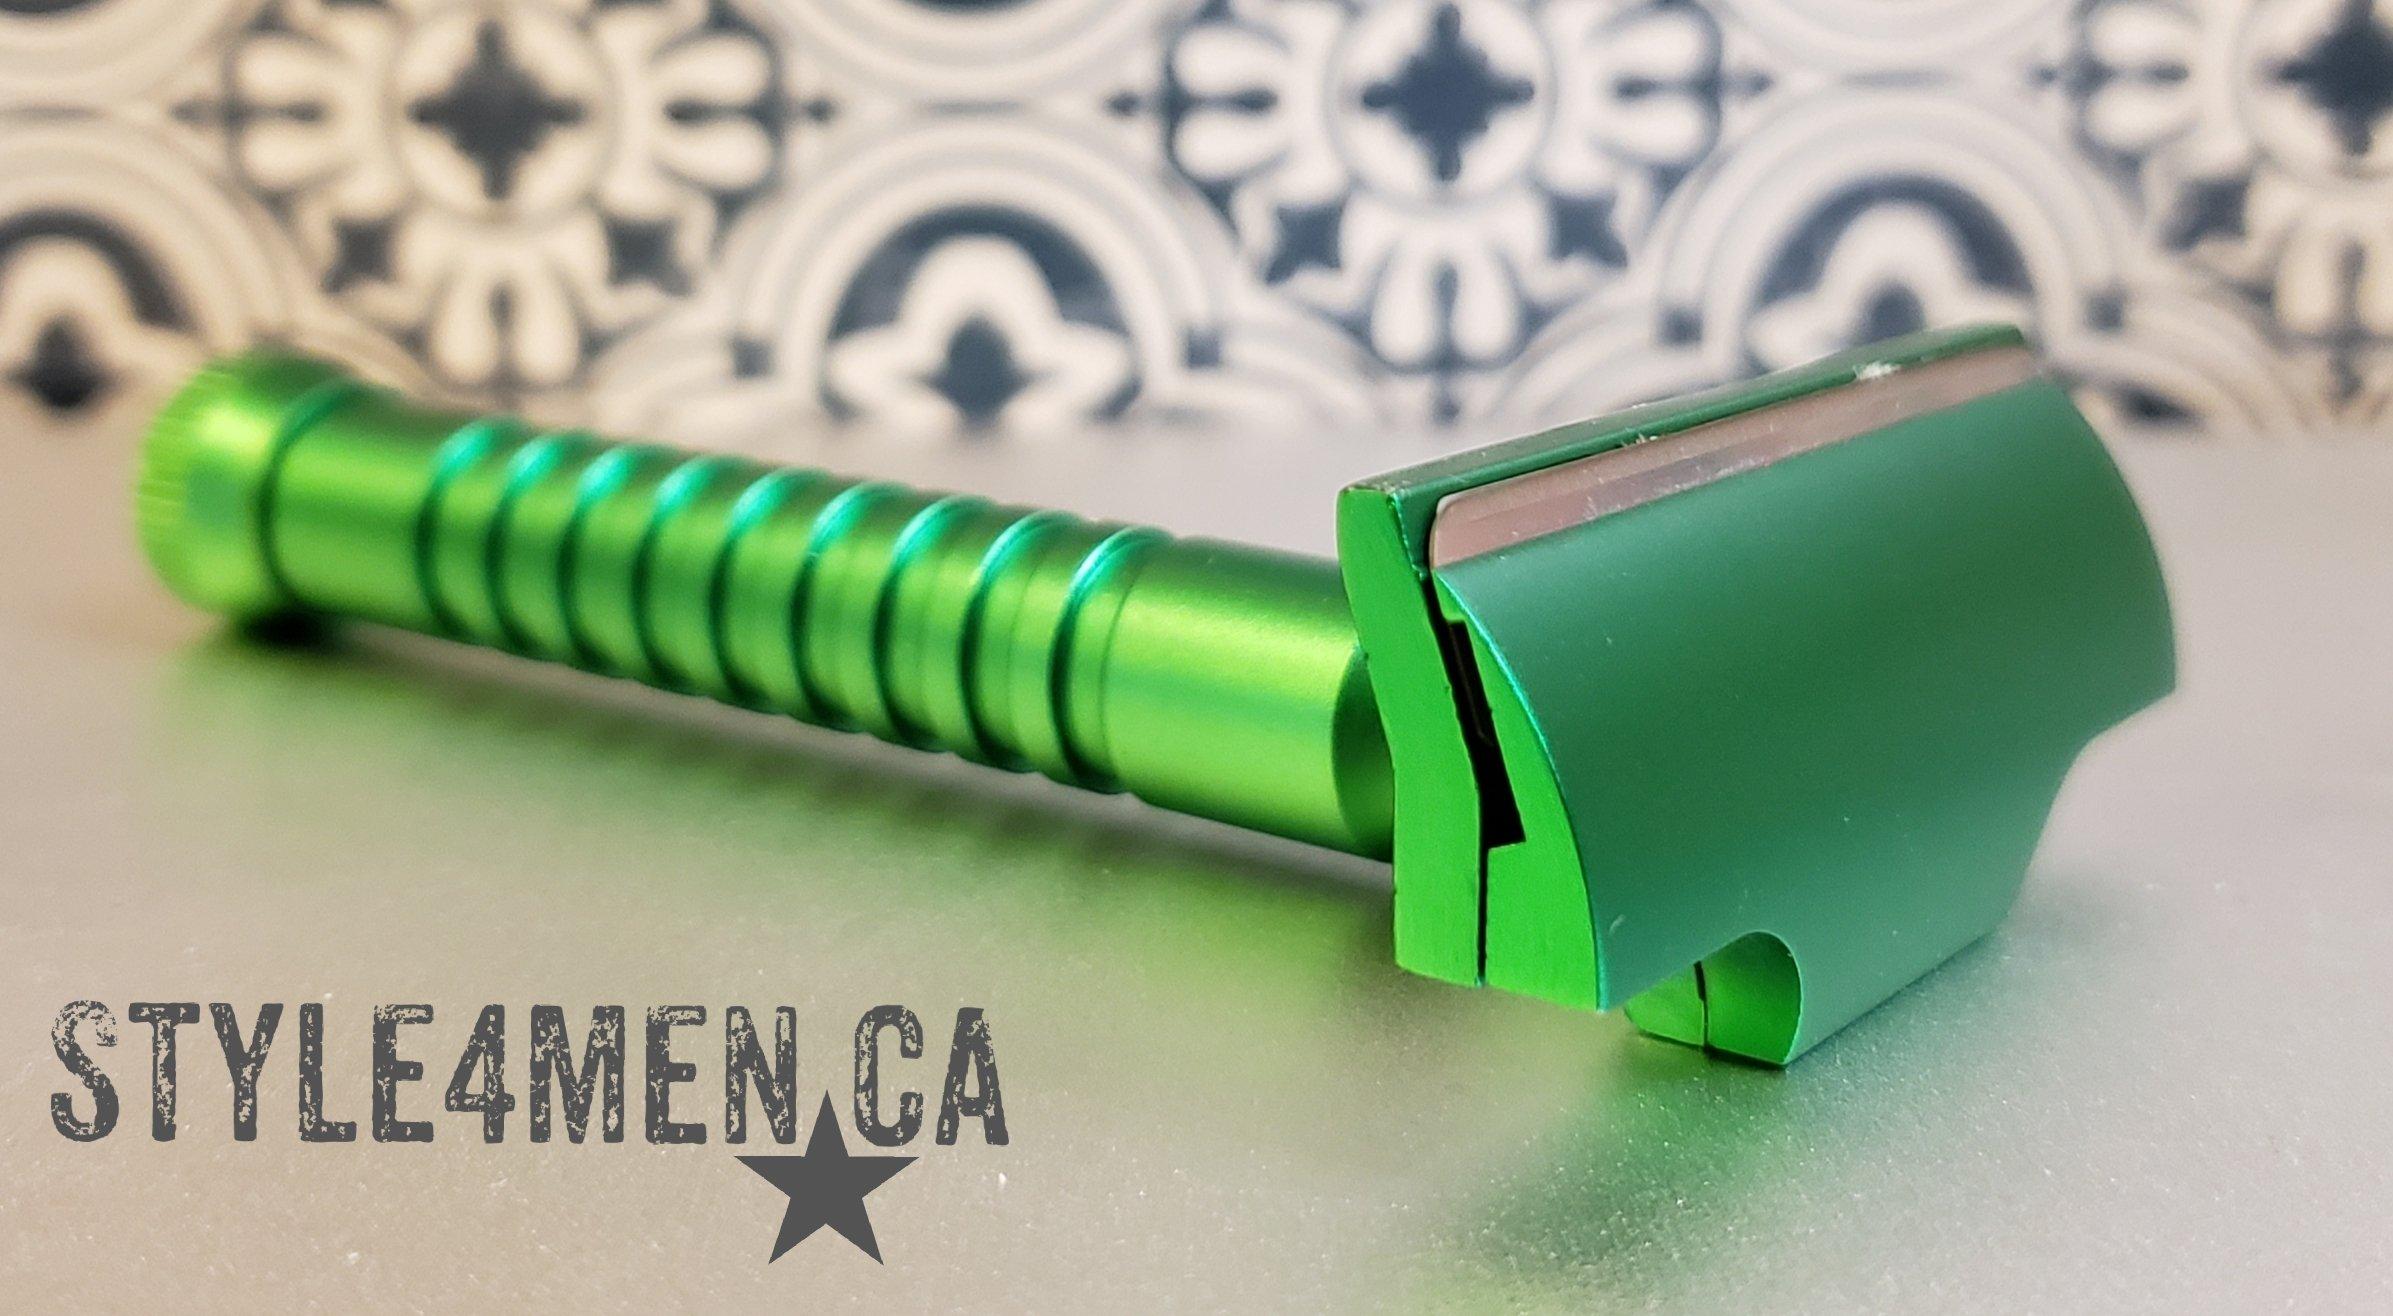 RazoRock Green Hulk